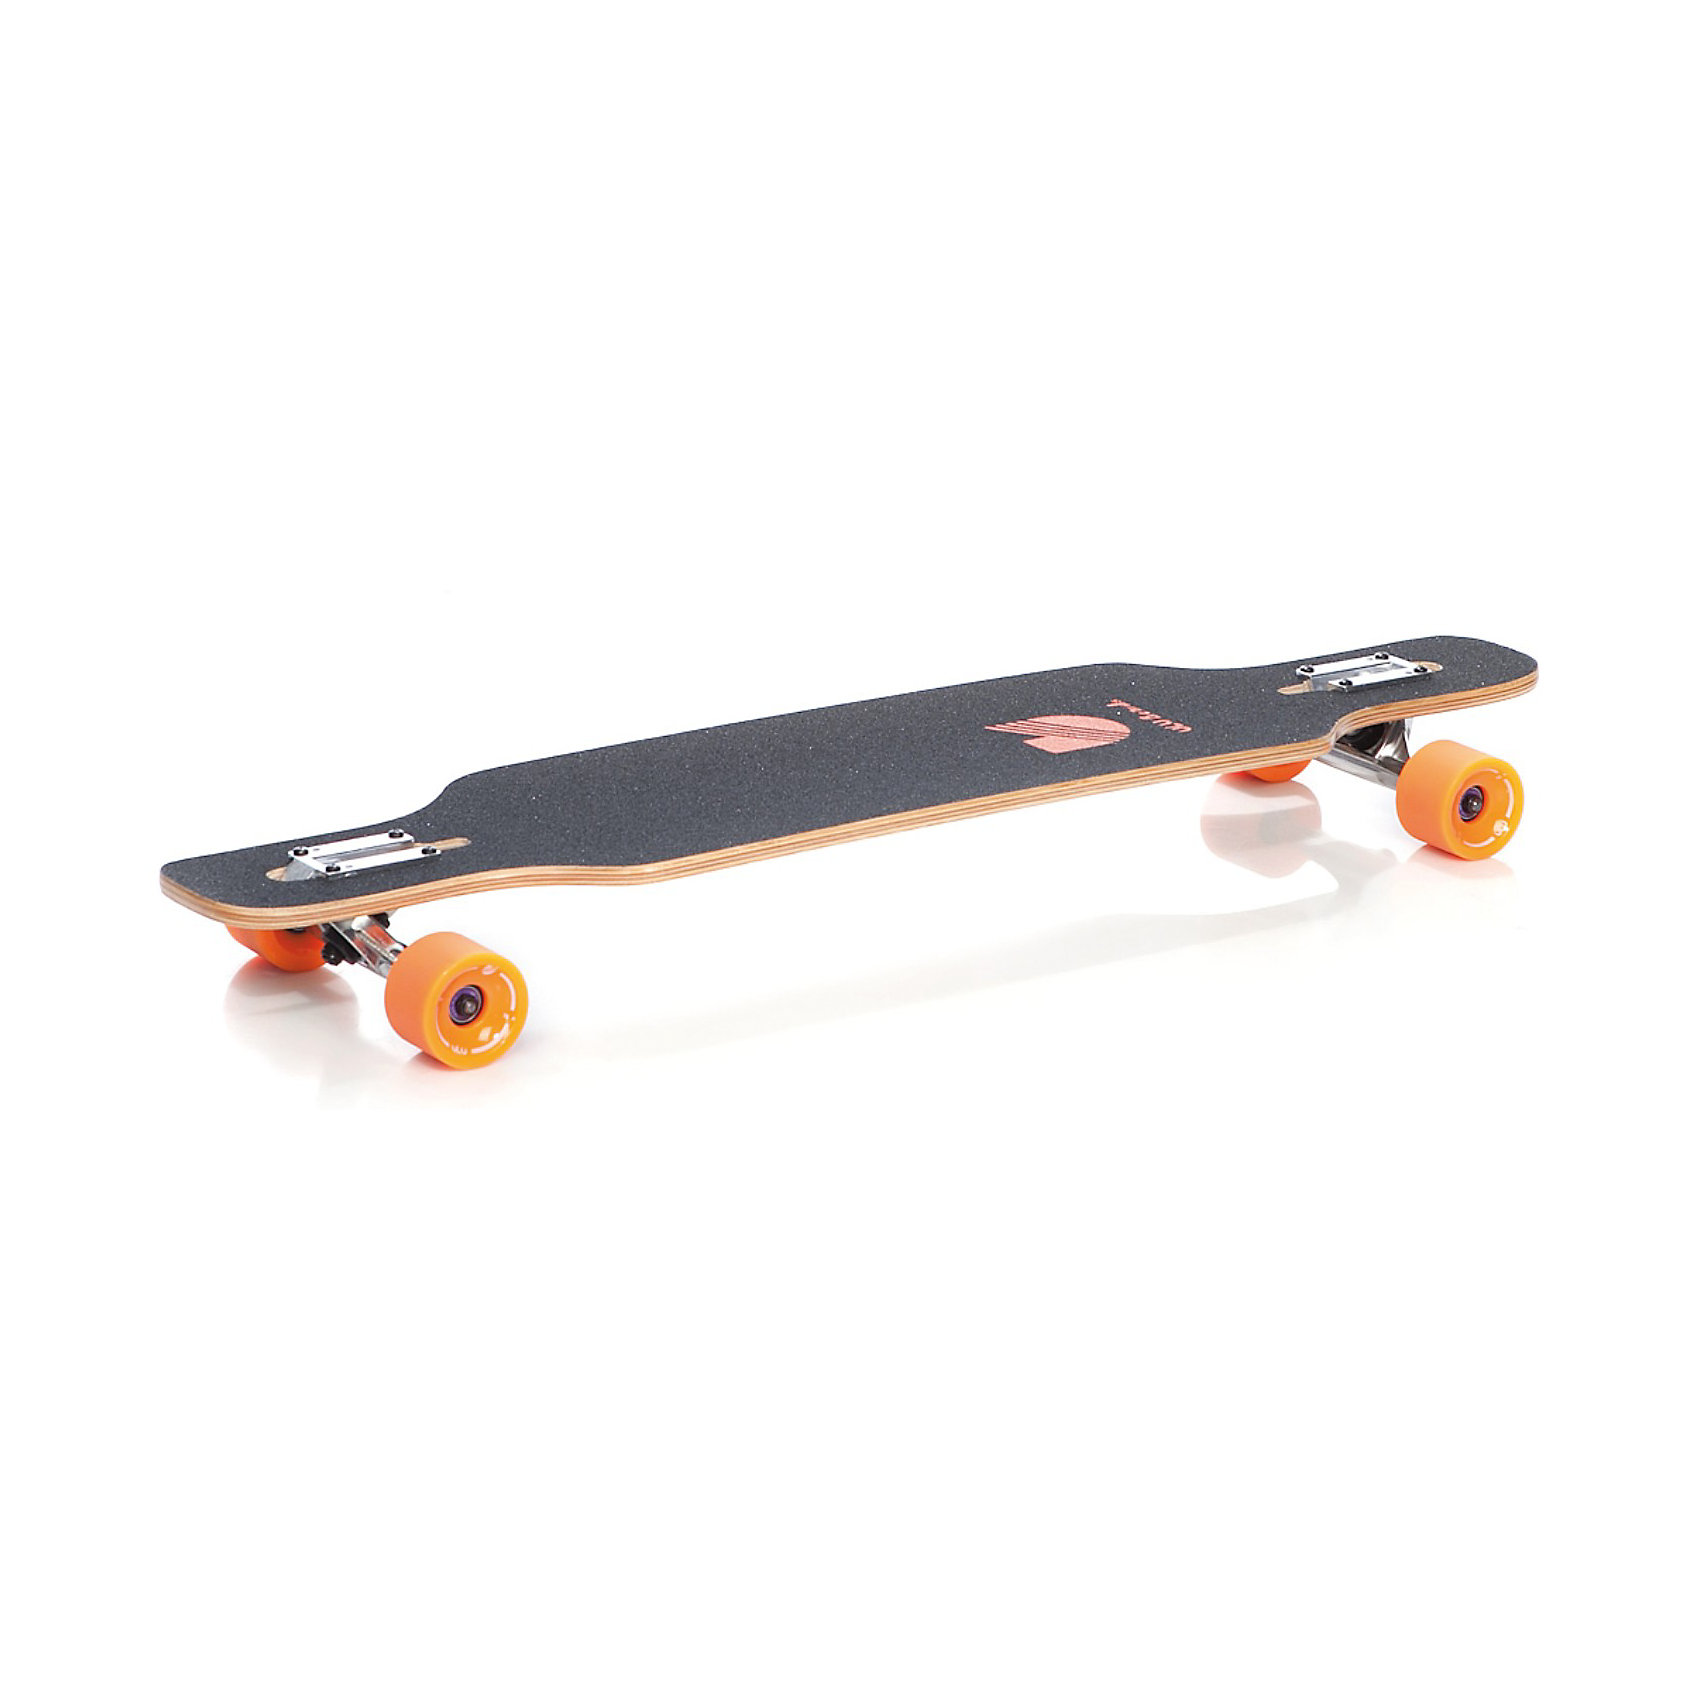 Лонгборд PixelСкейтборды и лонгборды<br>Лонгборд - разновидность скейтборда с удлиненной доской и колесной базой, повышенной устойчивостью и улучшенными ходовыми качествами. Лонгборд Pixel это новая усовершенствованная модель, идеально подходящая для комфортного перемещения в городской среде. Доска отличается оригинальным дизайном и повышенной аэродинамикой, изготовлена из экологичного материала: пять слоев канадского клена, верхний и нижний слой - бамбук.<br><br>SHR полиуретановые литые колеса с амортизаторами и алюминиевыми подвесками очень удобны для катания. Верхнее покрытие доски - шкурка (80S), имеется логотип.<br><br>Дополнительная информация:<br><br>- Материал: металл, пластмасса, резина.<br>- Диаметр колес: 7 ? 5,1 см. <br>- Жесткость колес: 78А.<br>- Подшипники: ABEC-7 RS.  <br>- Размер доски: 101 ? 22,9 см. <br>- Вес: 3,9 кг. <br><br>Лонгборд Pixel можно купить в нашем интернет-магазине.<br><br>Ширина мм: 1016<br>Глубина мм: 229<br>Высота мм: 150<br>Вес г: 3900<br>Возраст от месяцев: 84<br>Возраст до месяцев: 192<br>Пол: Унисекс<br>Возраст: Детский<br>SKU: 3597002